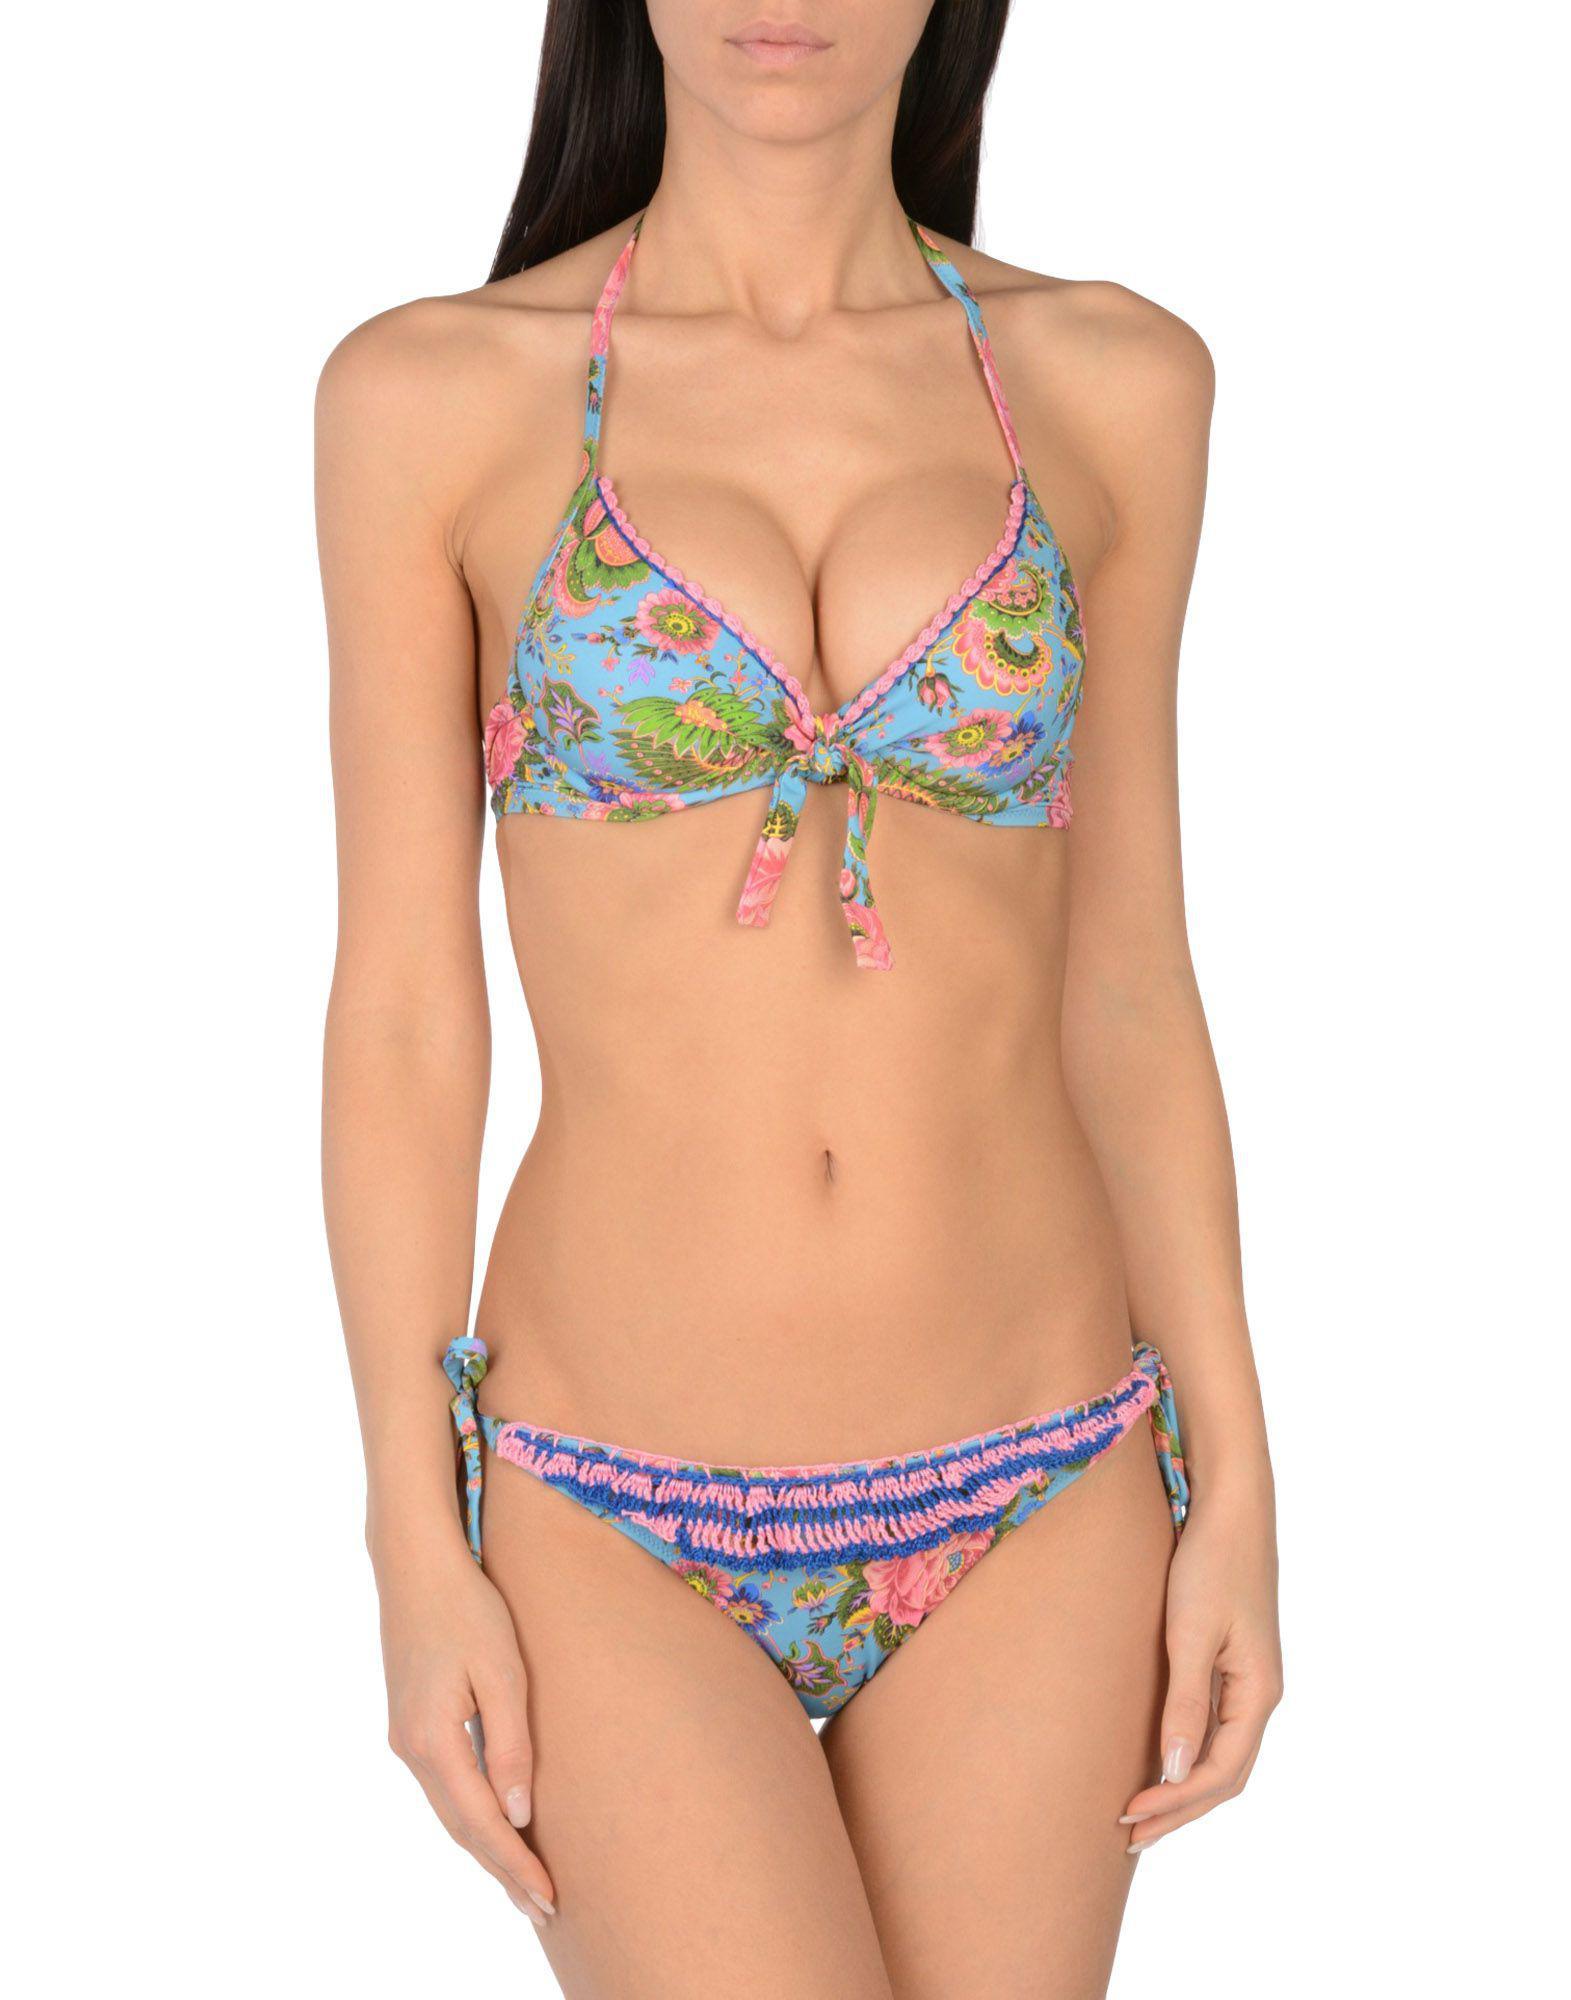 Amazon Online Order For Sale embroidered bikini set - Blue Anjuna nUssoGFQ